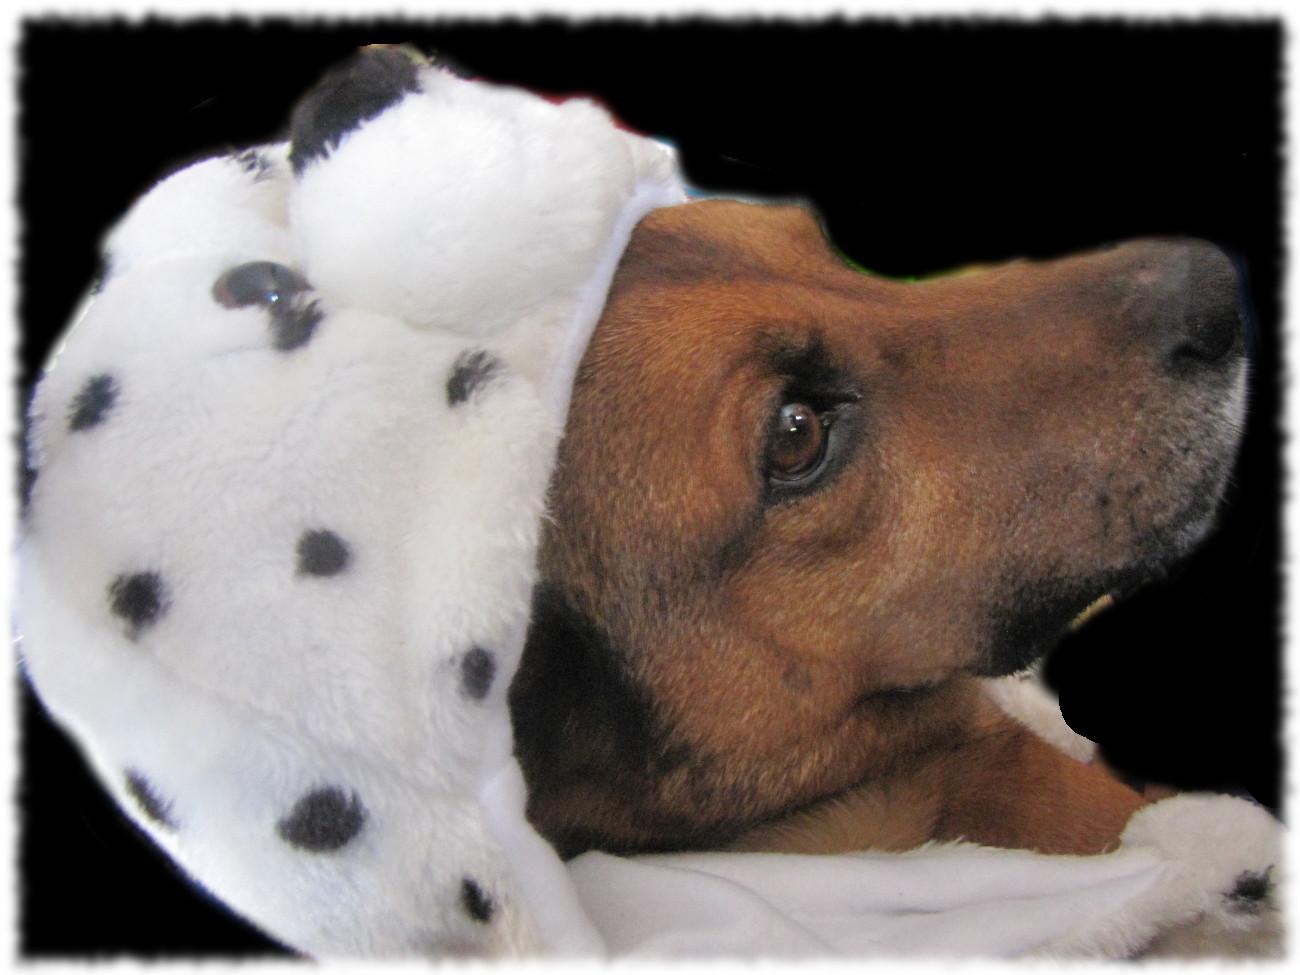 Hund mit einer scheußlichen Tiermütze, an Kitsch kaum zu überbieten...